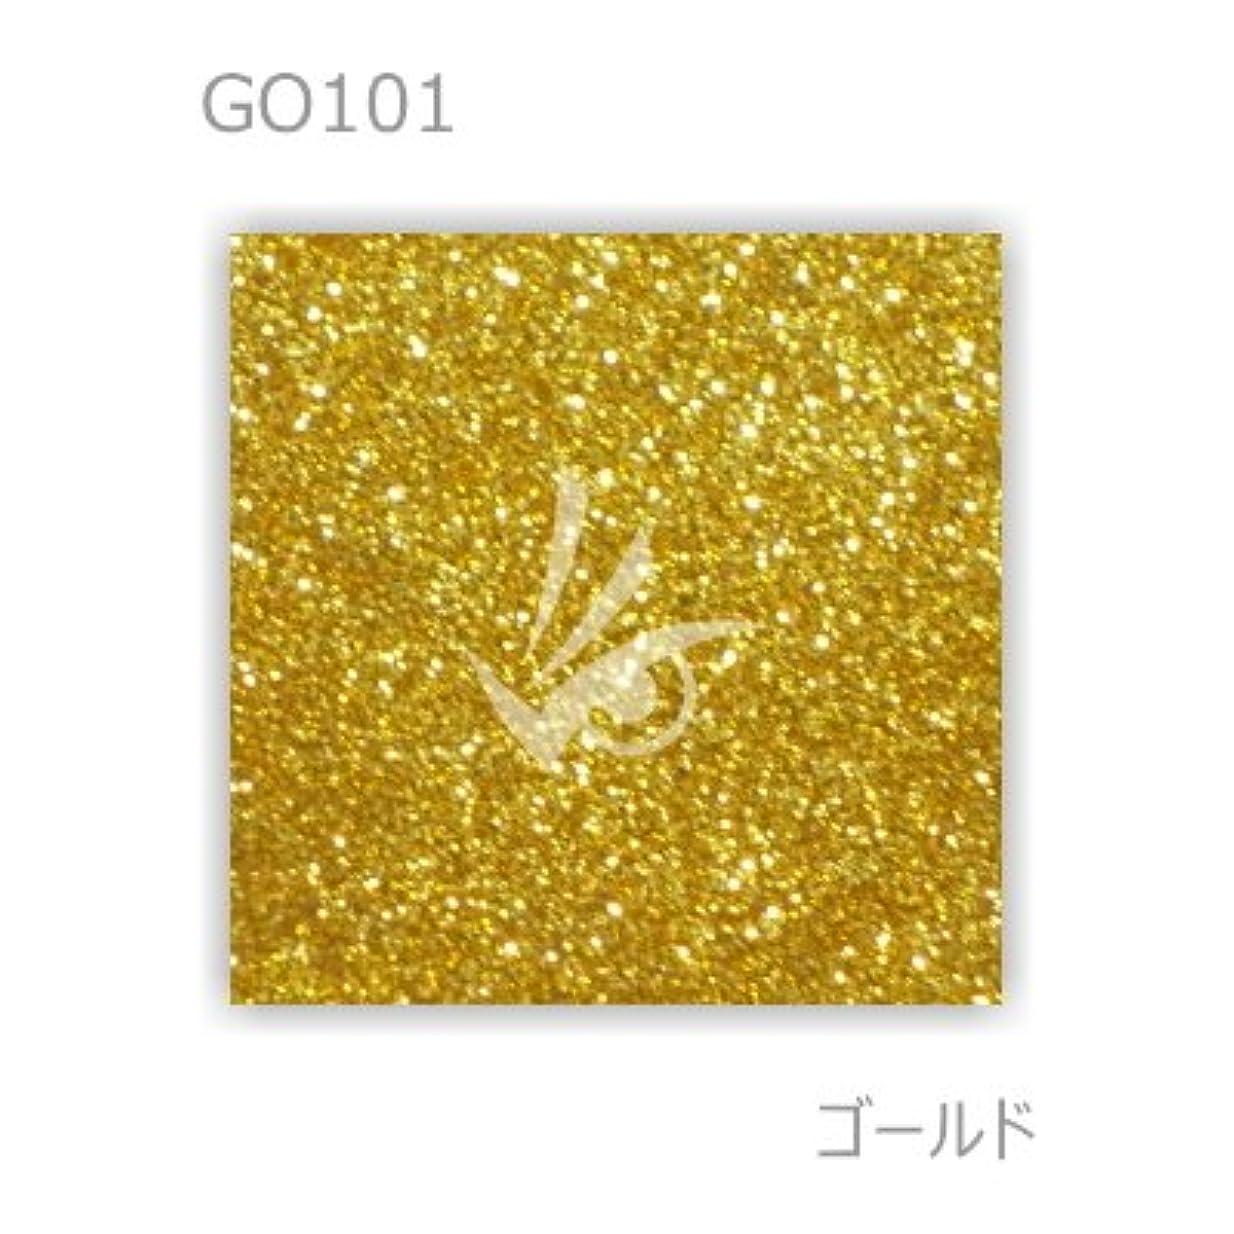 一貫した魔術うまれた業務用 グリッター ラメパウダー ホログラム (ゴールド) (1kg) (0.2mm)